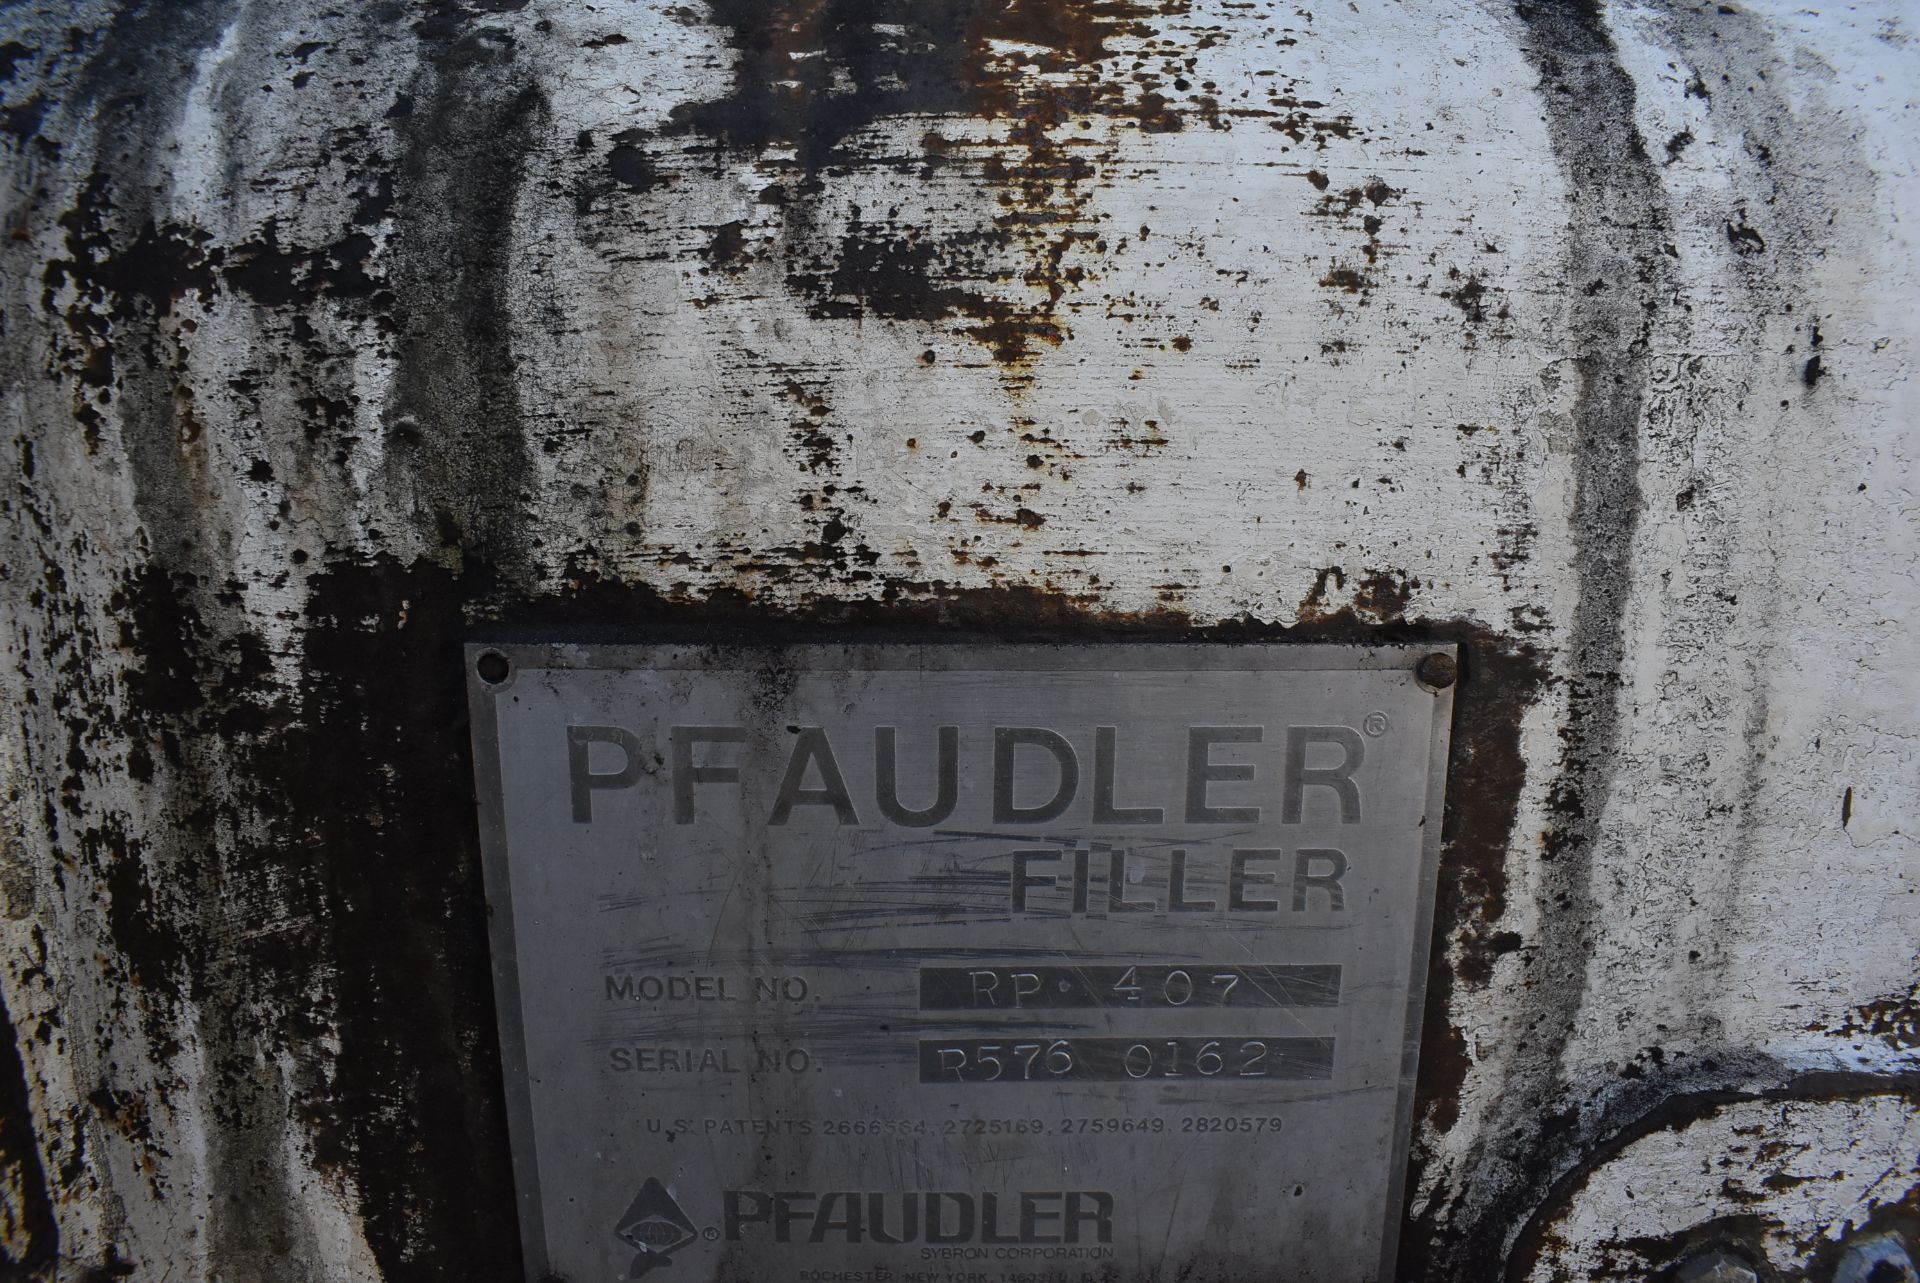 Pfaudler 7-Station Model #RP407 Filler, SN R576-0162